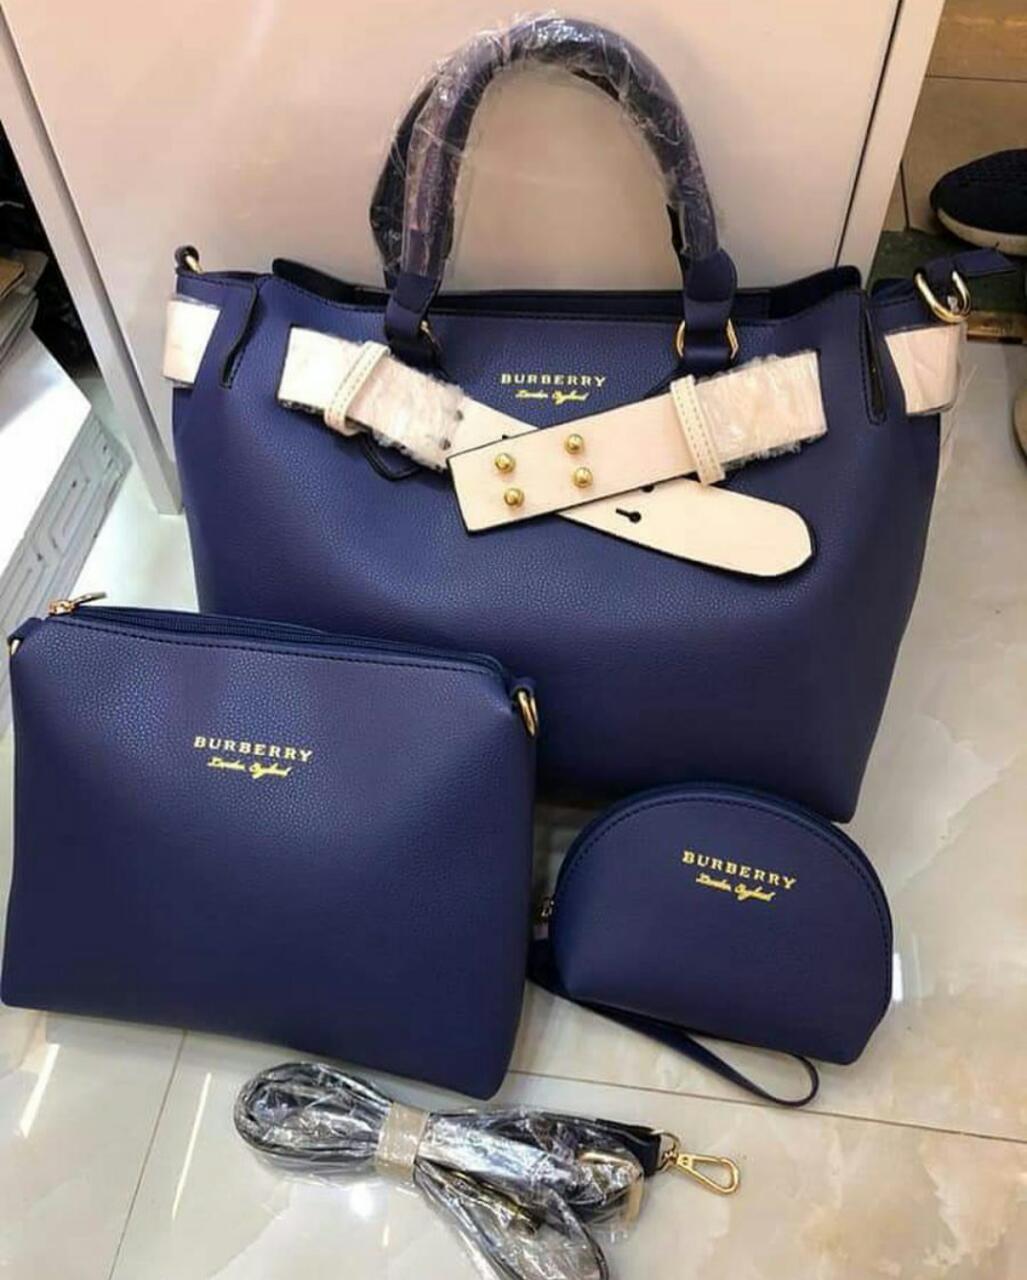 Burberry bag - Buy Burberry bag at Best Price in Pakistan   www.daraz.pk c6d624d29b